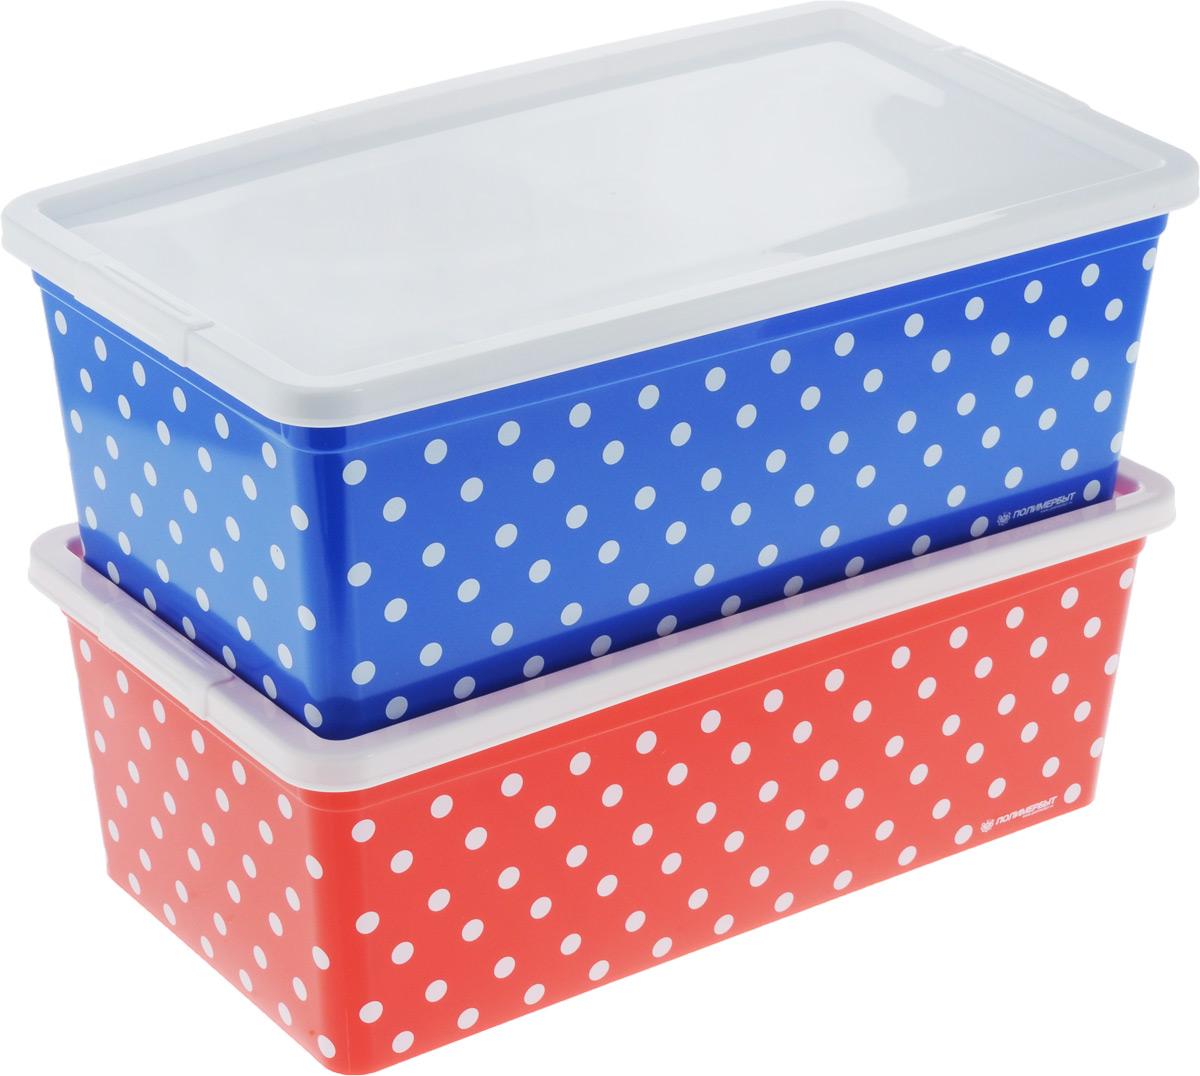 Набор контейнеров для хранения Полимербыт Горох, цвет: синий, красный, белый, 2 штSGHPBKP71Набор Полимербыт Горох состоит из двух контейнеров, которые выполнены из высококачественного пластика. Изделия оформлены принтом в горох. Контейнеры оснащены крышками, которые плотно закрывают изделия. Контейнеры очень вместительные и помогут вам хранить все необходимые мелочи в одном месте. Размер контейнера: 34 х 19 см. Высота контейнера: 12 см.